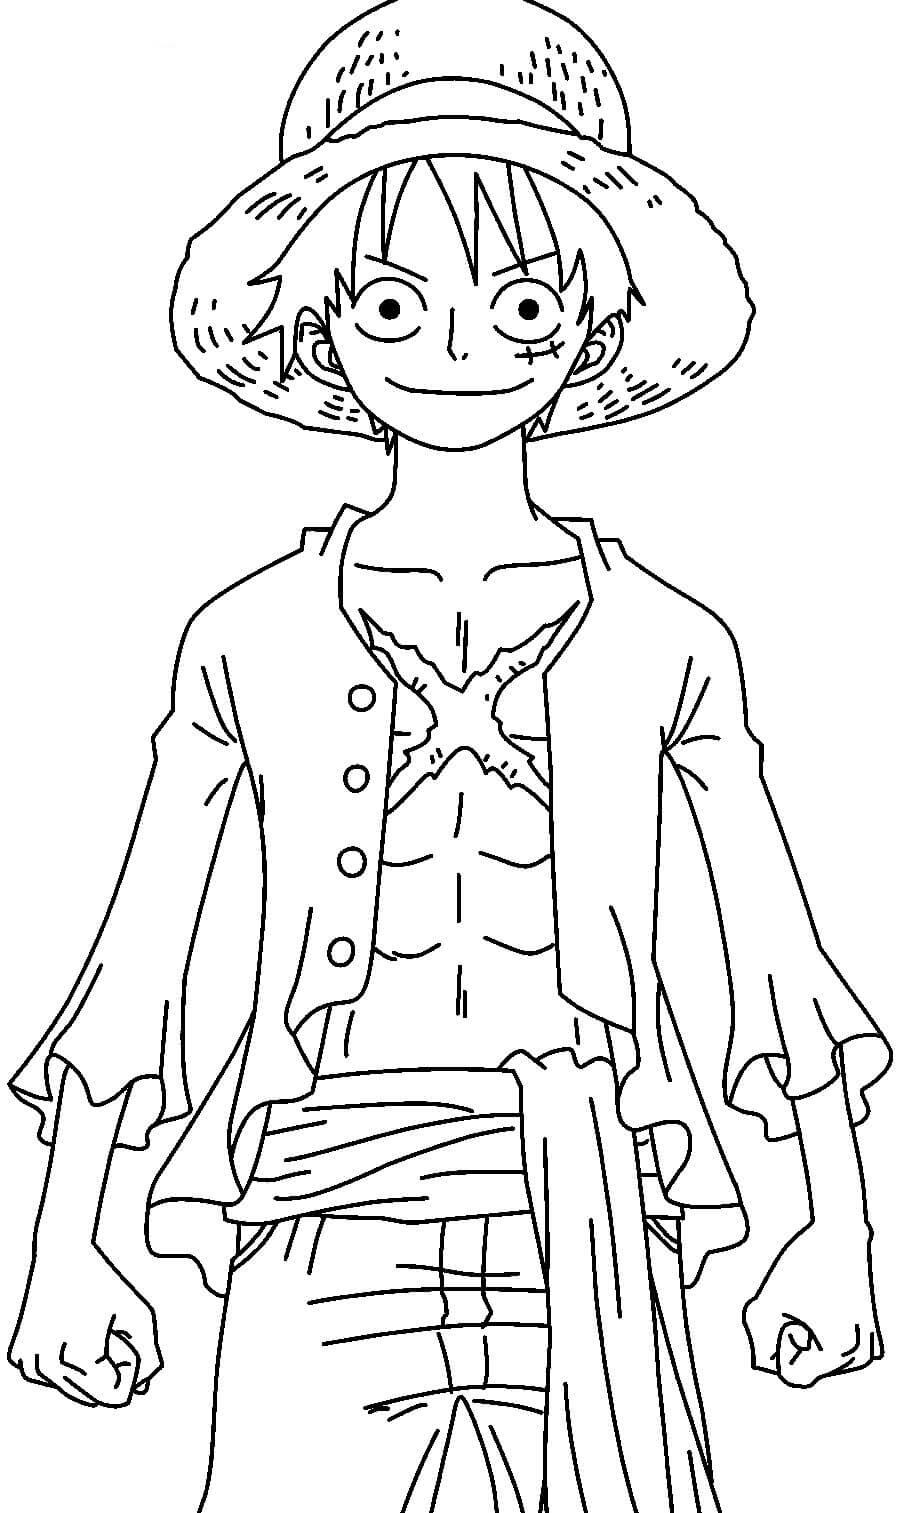 Desenhos de One Piece Luffy Após 2 Anos para colorir